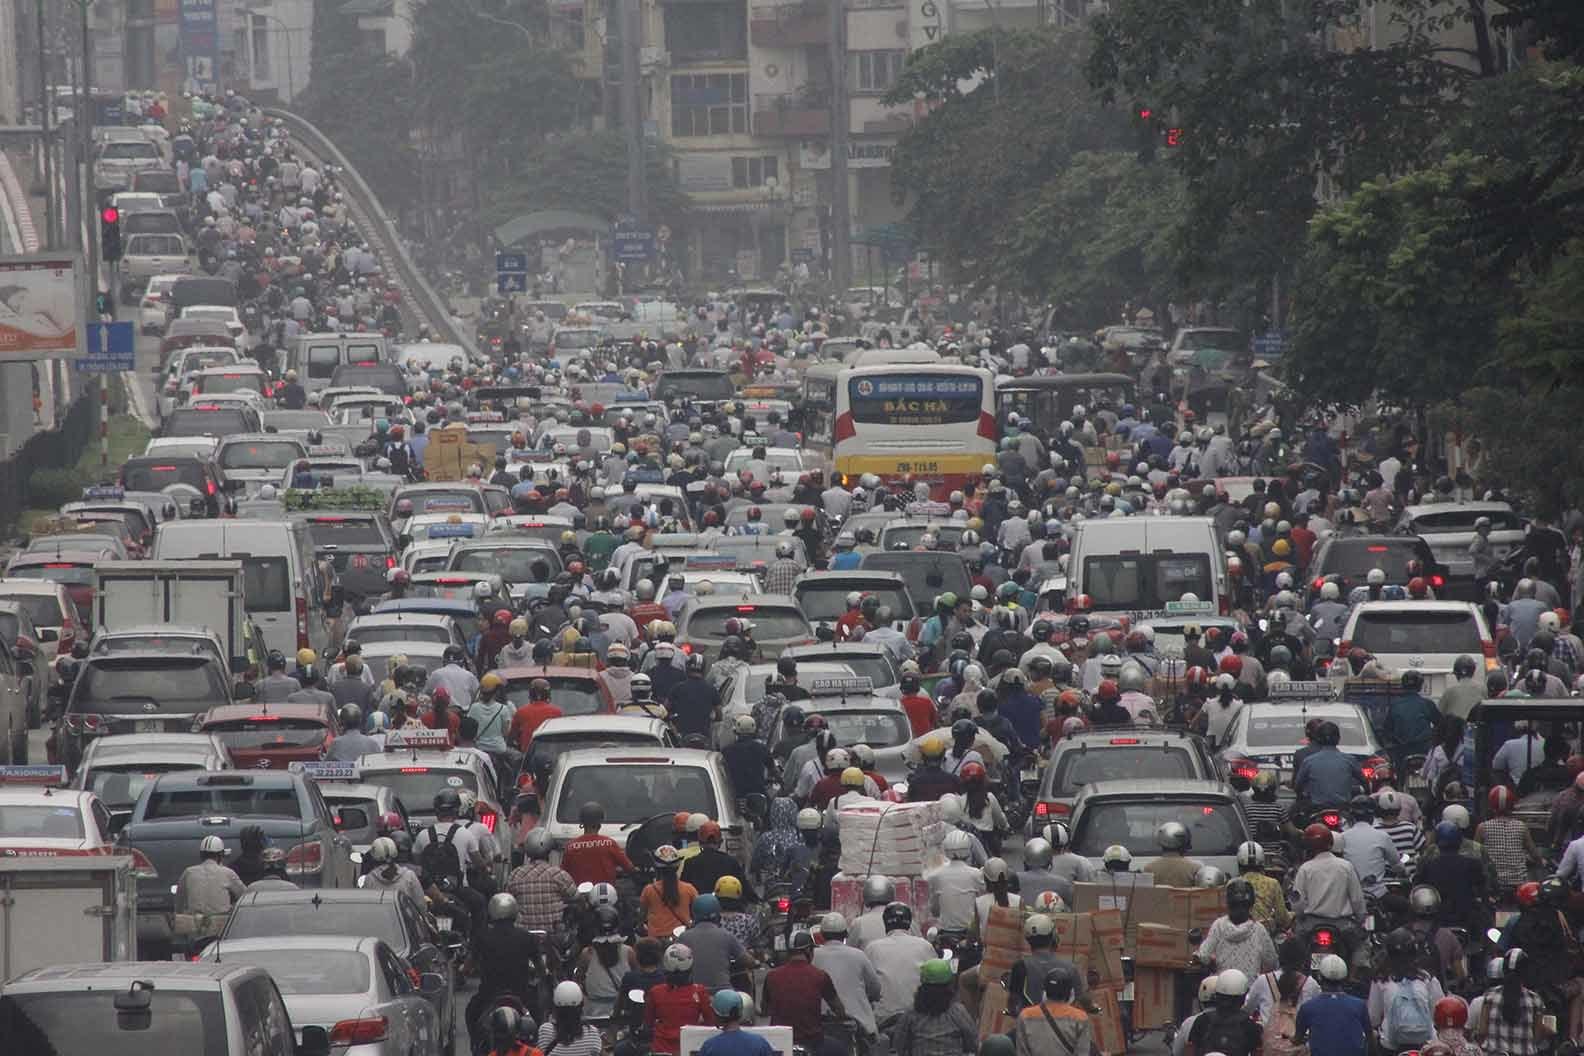 giao thông việt nam, giao thông việt nam hỗi loạn, tắc đường, tắc đường ở Việt Nam, giao thông việt nam giống như bên trời tây, tắc đường ở Hà Nội